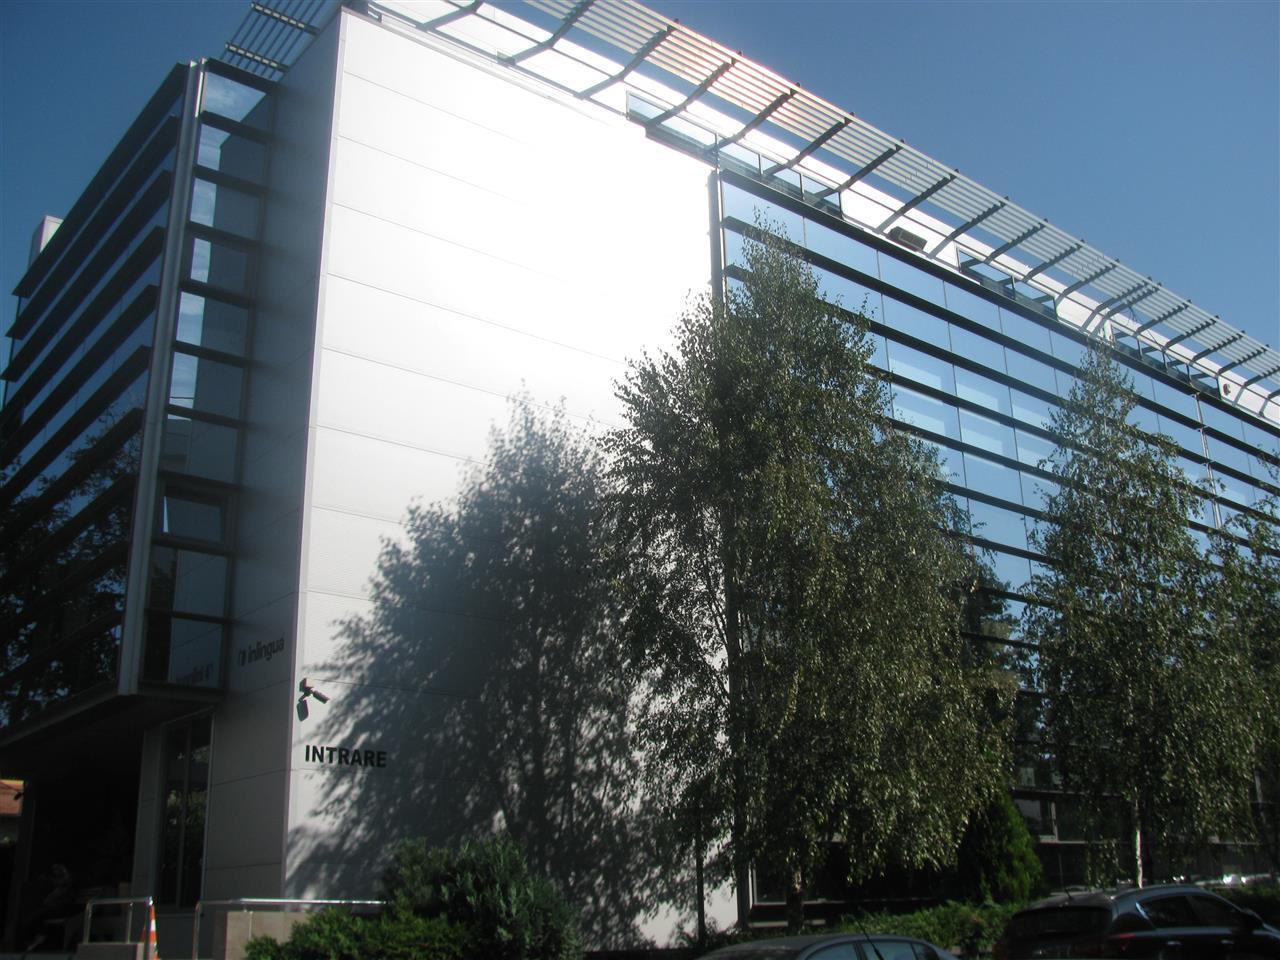 Inchiriere spatiu birou - Centrul de Afaceri Nord